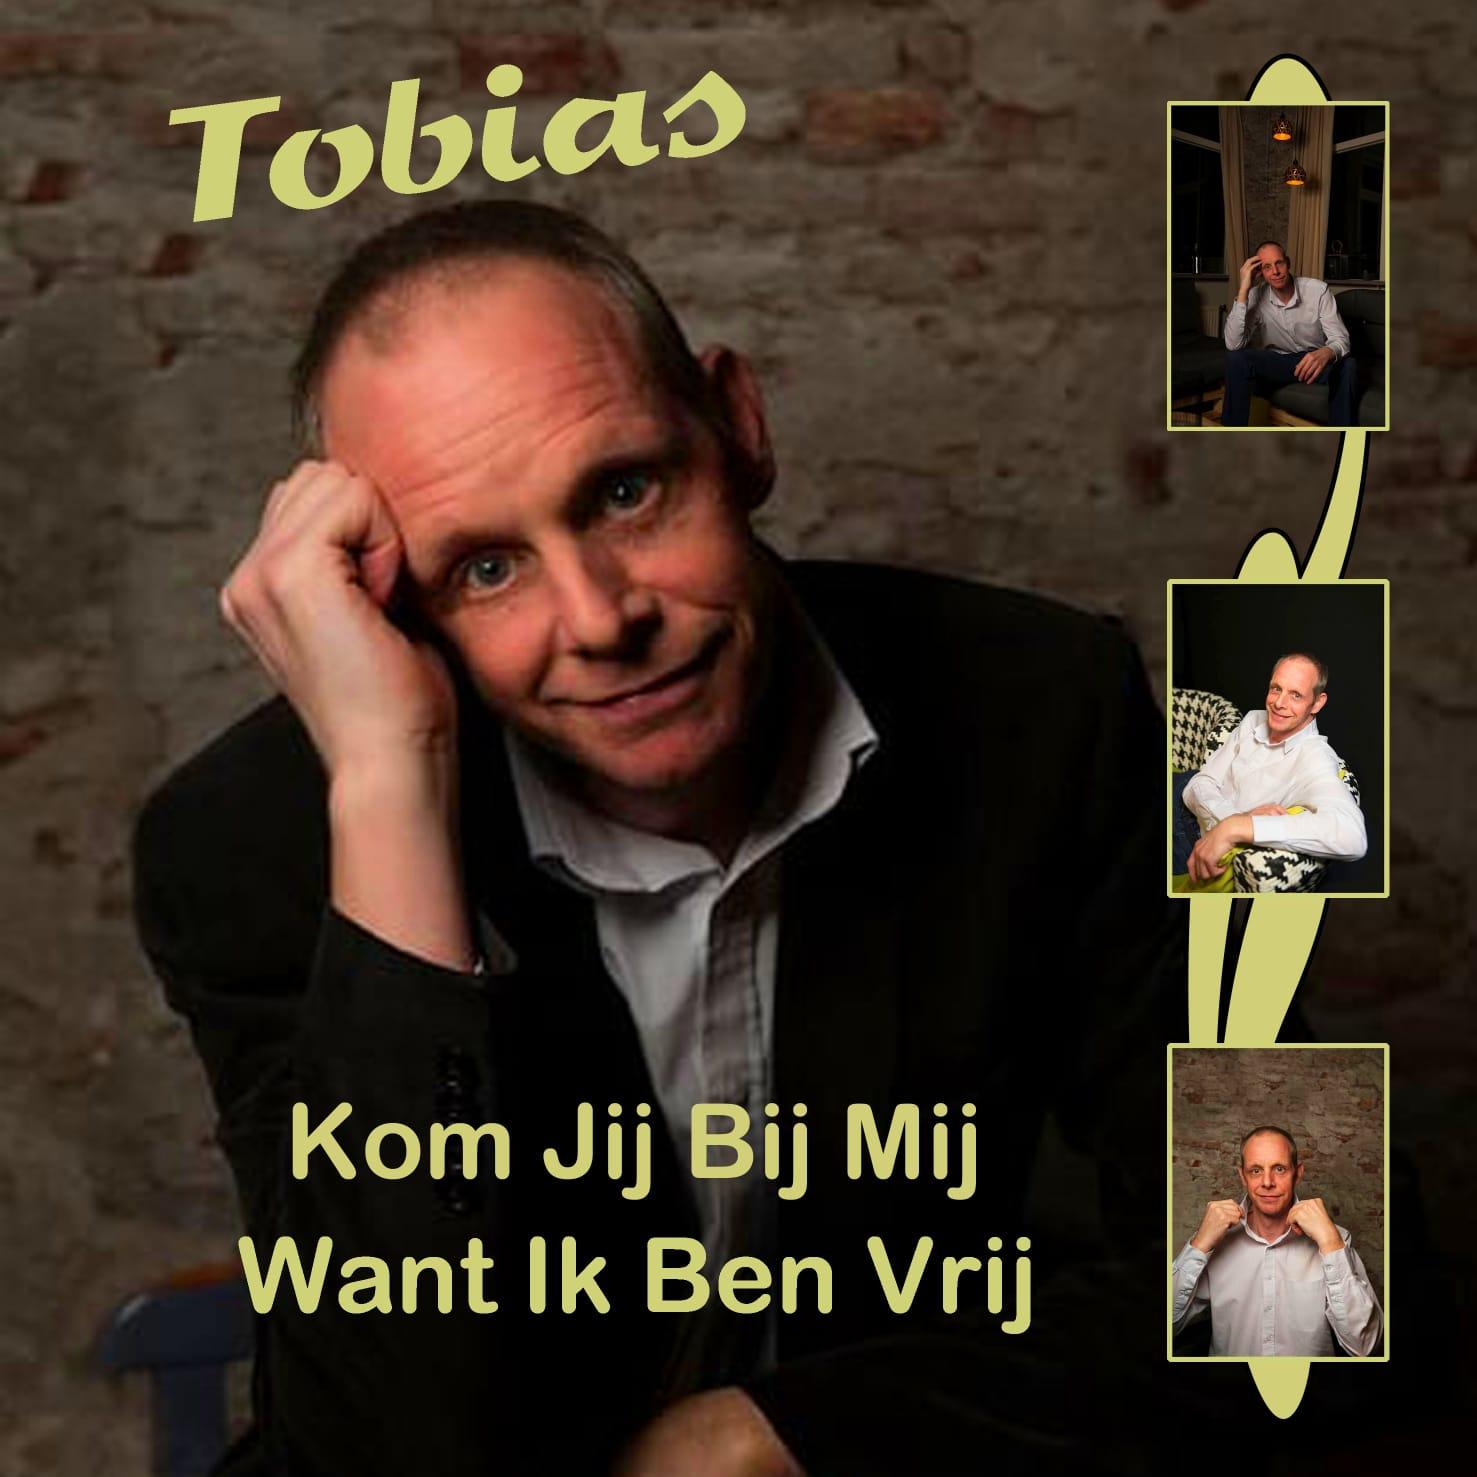 Tobias - Kom jij bij mij want ik ben vrij